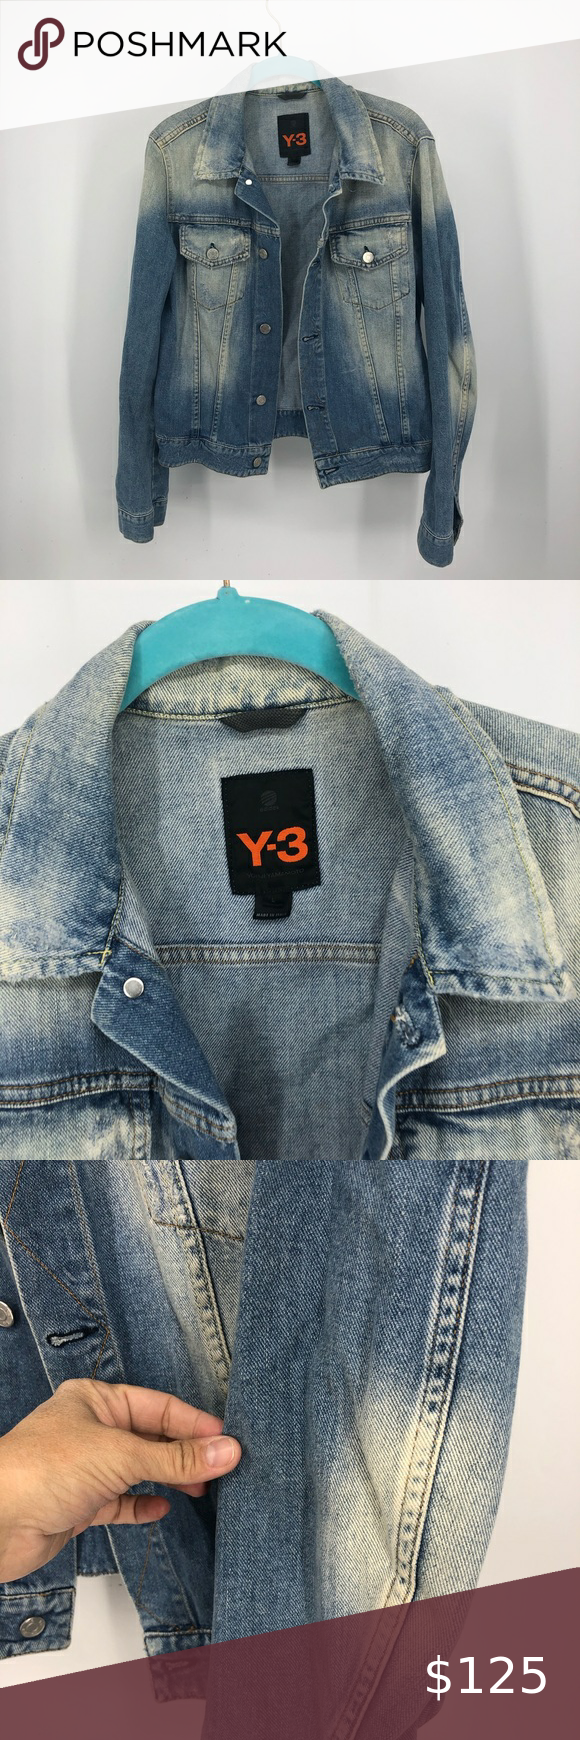 Rare Adidas Y 3 Yohji Yamamoto Jean Jacket L In 2020 Yohji Yamamoto Jean Jacket Jackets [ 1740 x 580 Pixel ]